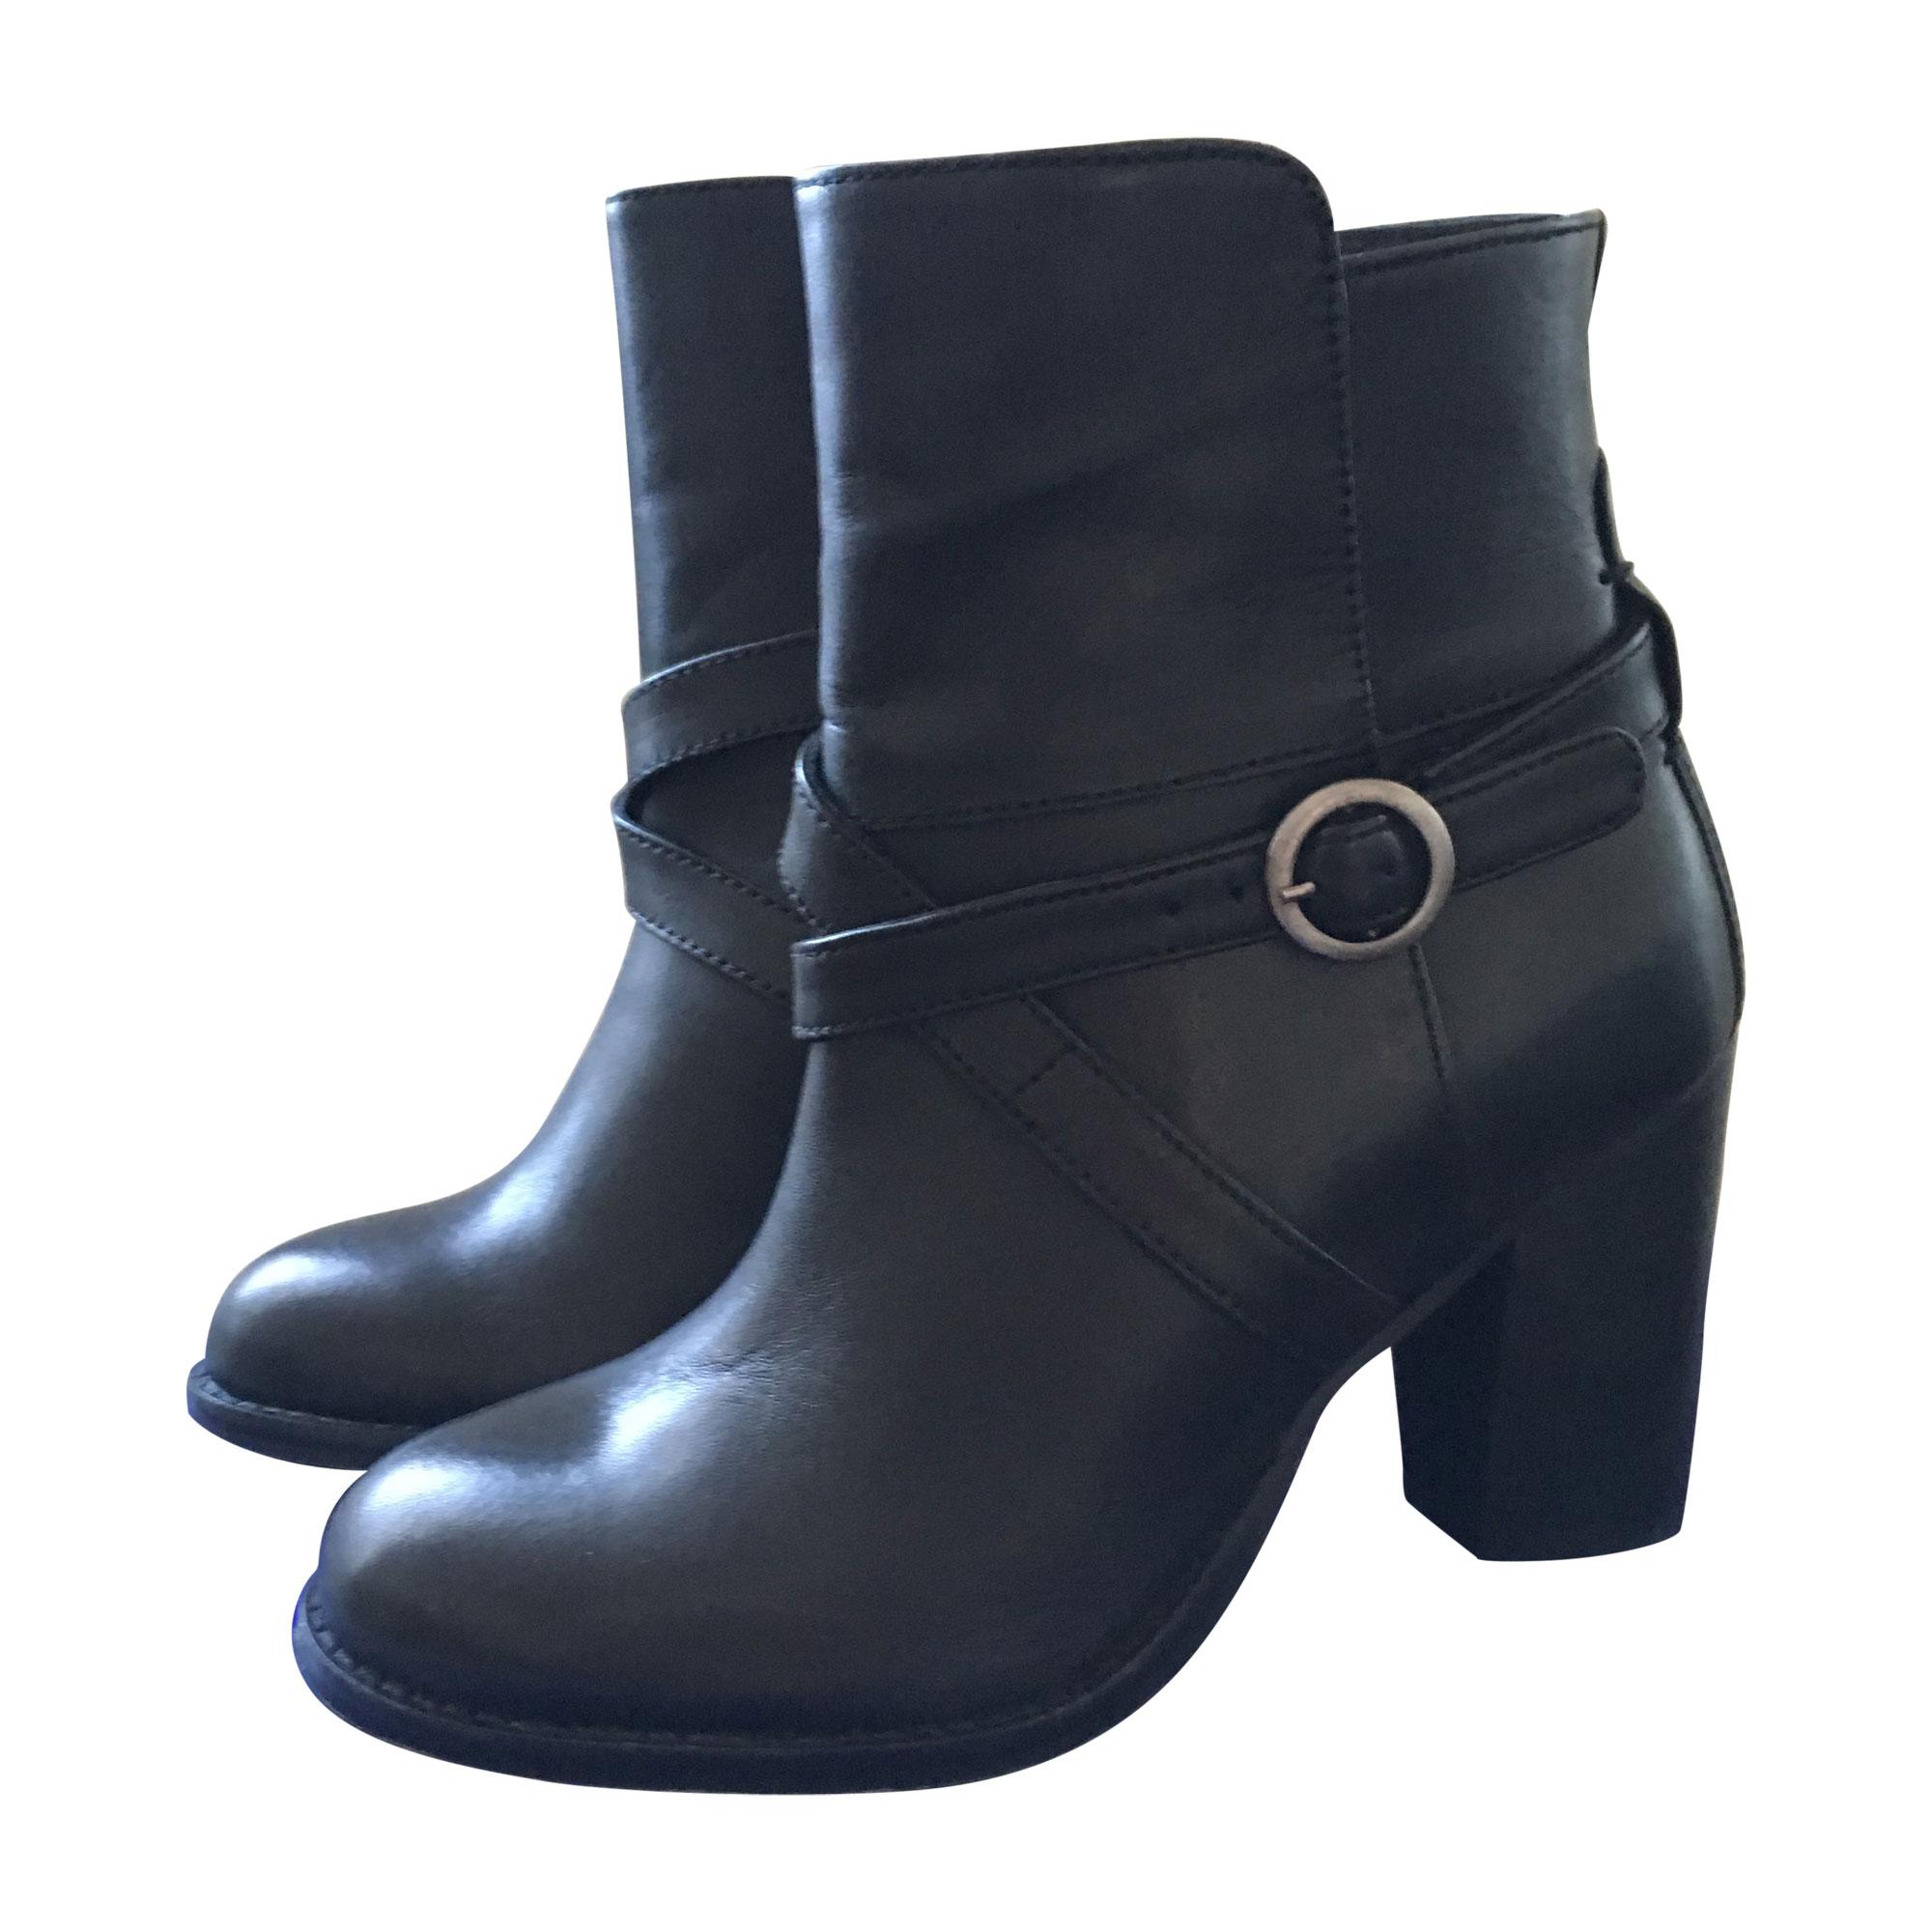 Bottines   low boots à talons ANDRÉ 37 noir - 5699702 5797a3be319